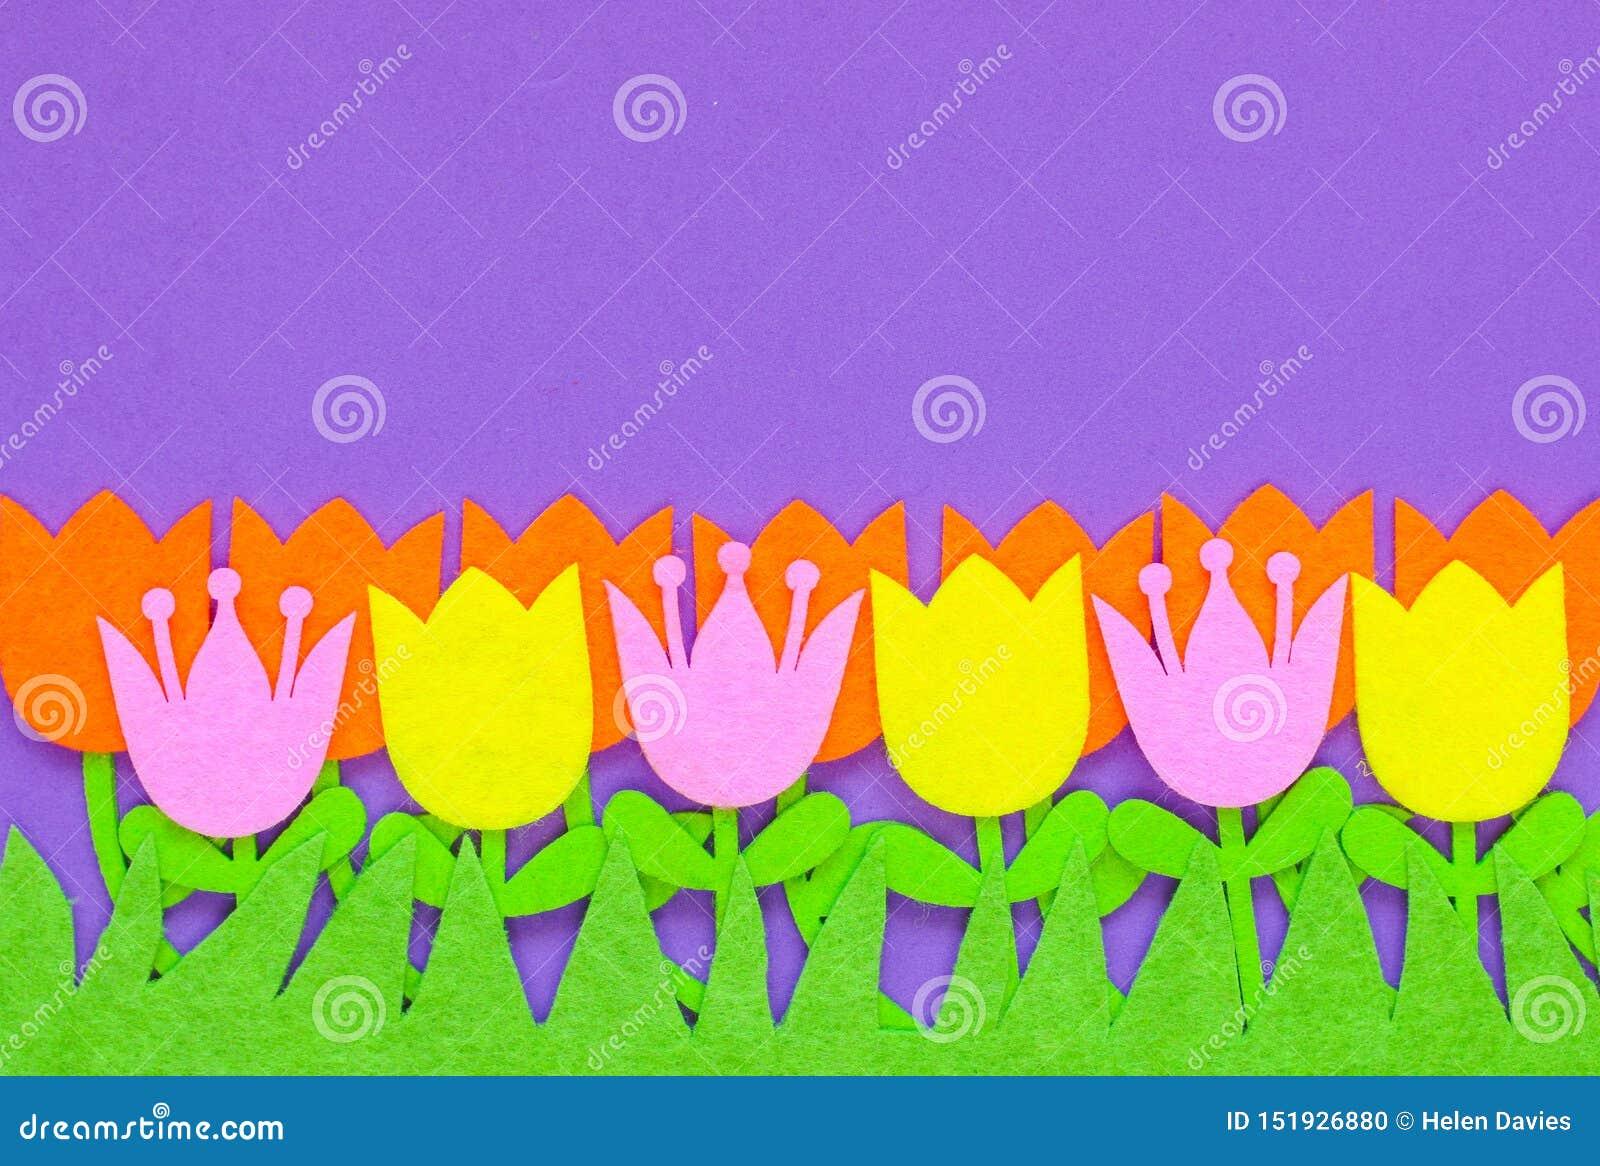 Fleurs senties brillamment colorées de tulipe sur un fond simple